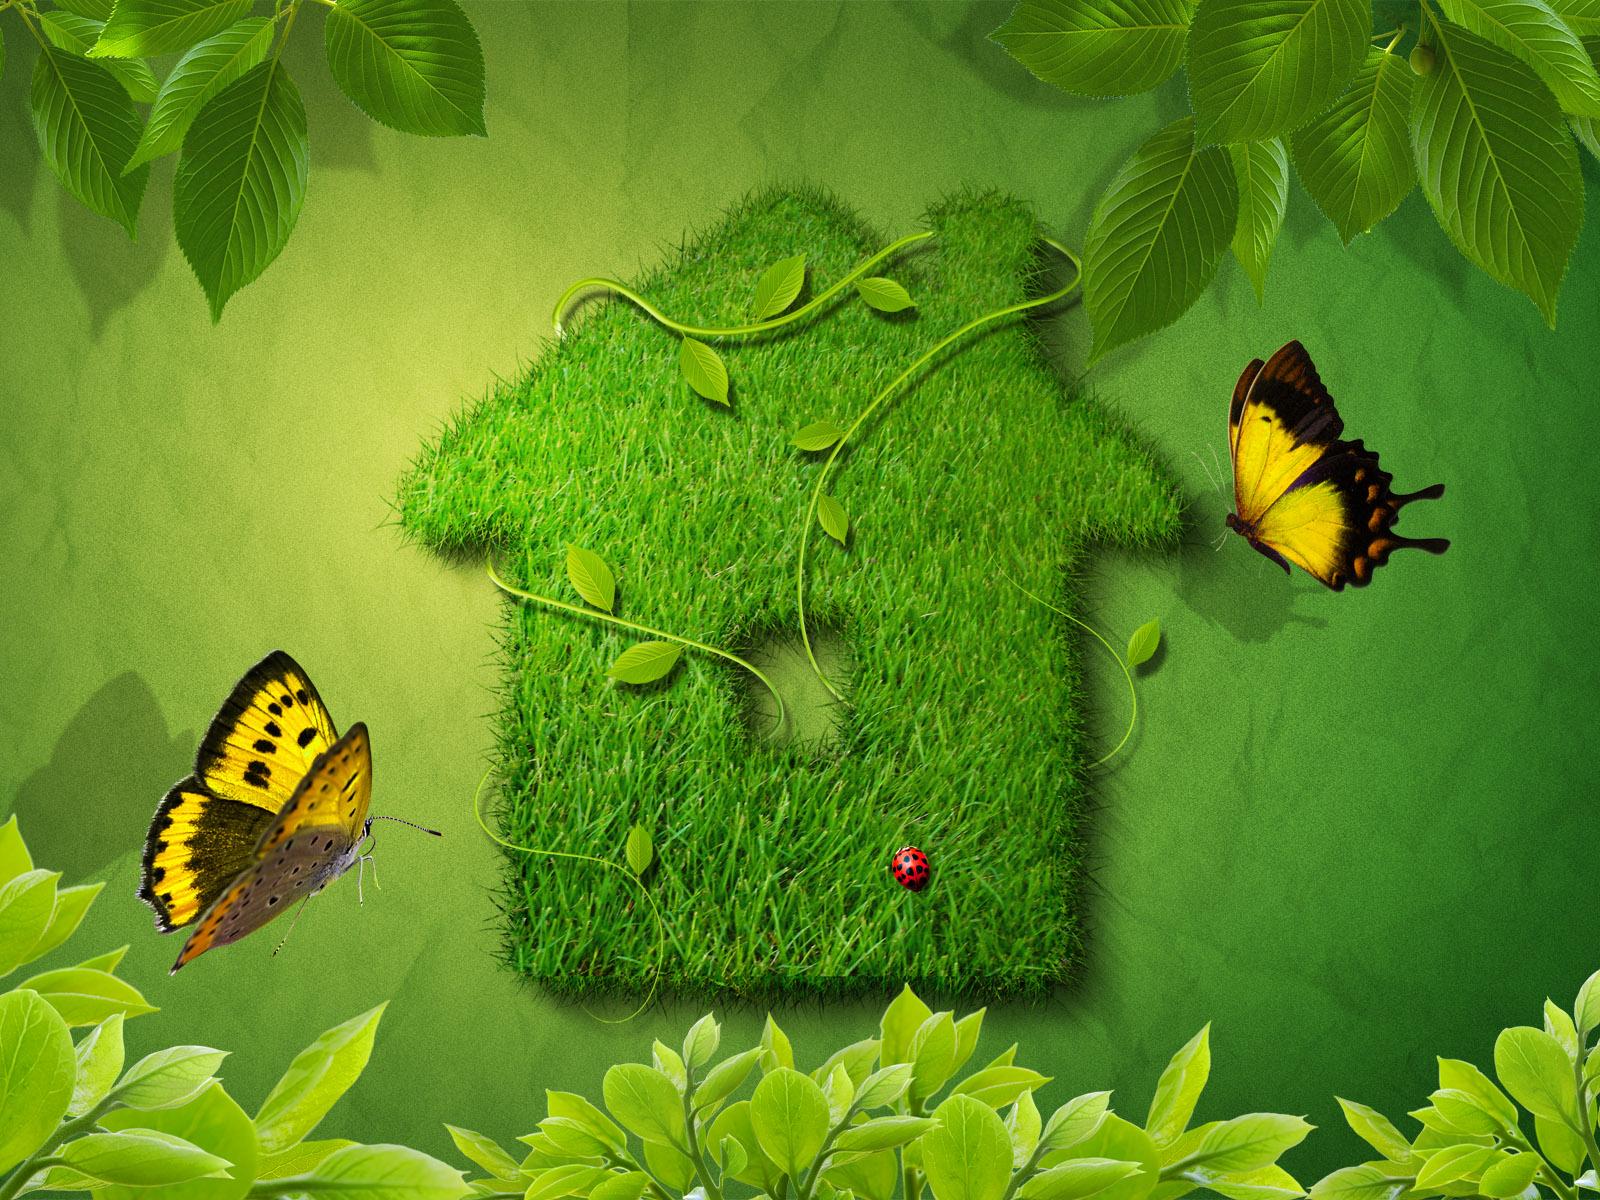 http://2.bp.blogspot.com/_hEeDlsg8wA4/TVAJrxpzq2I/AAAAAAAADPI/mjtfdIR-VUA/s1600/nonubander.photoshop4.jpg